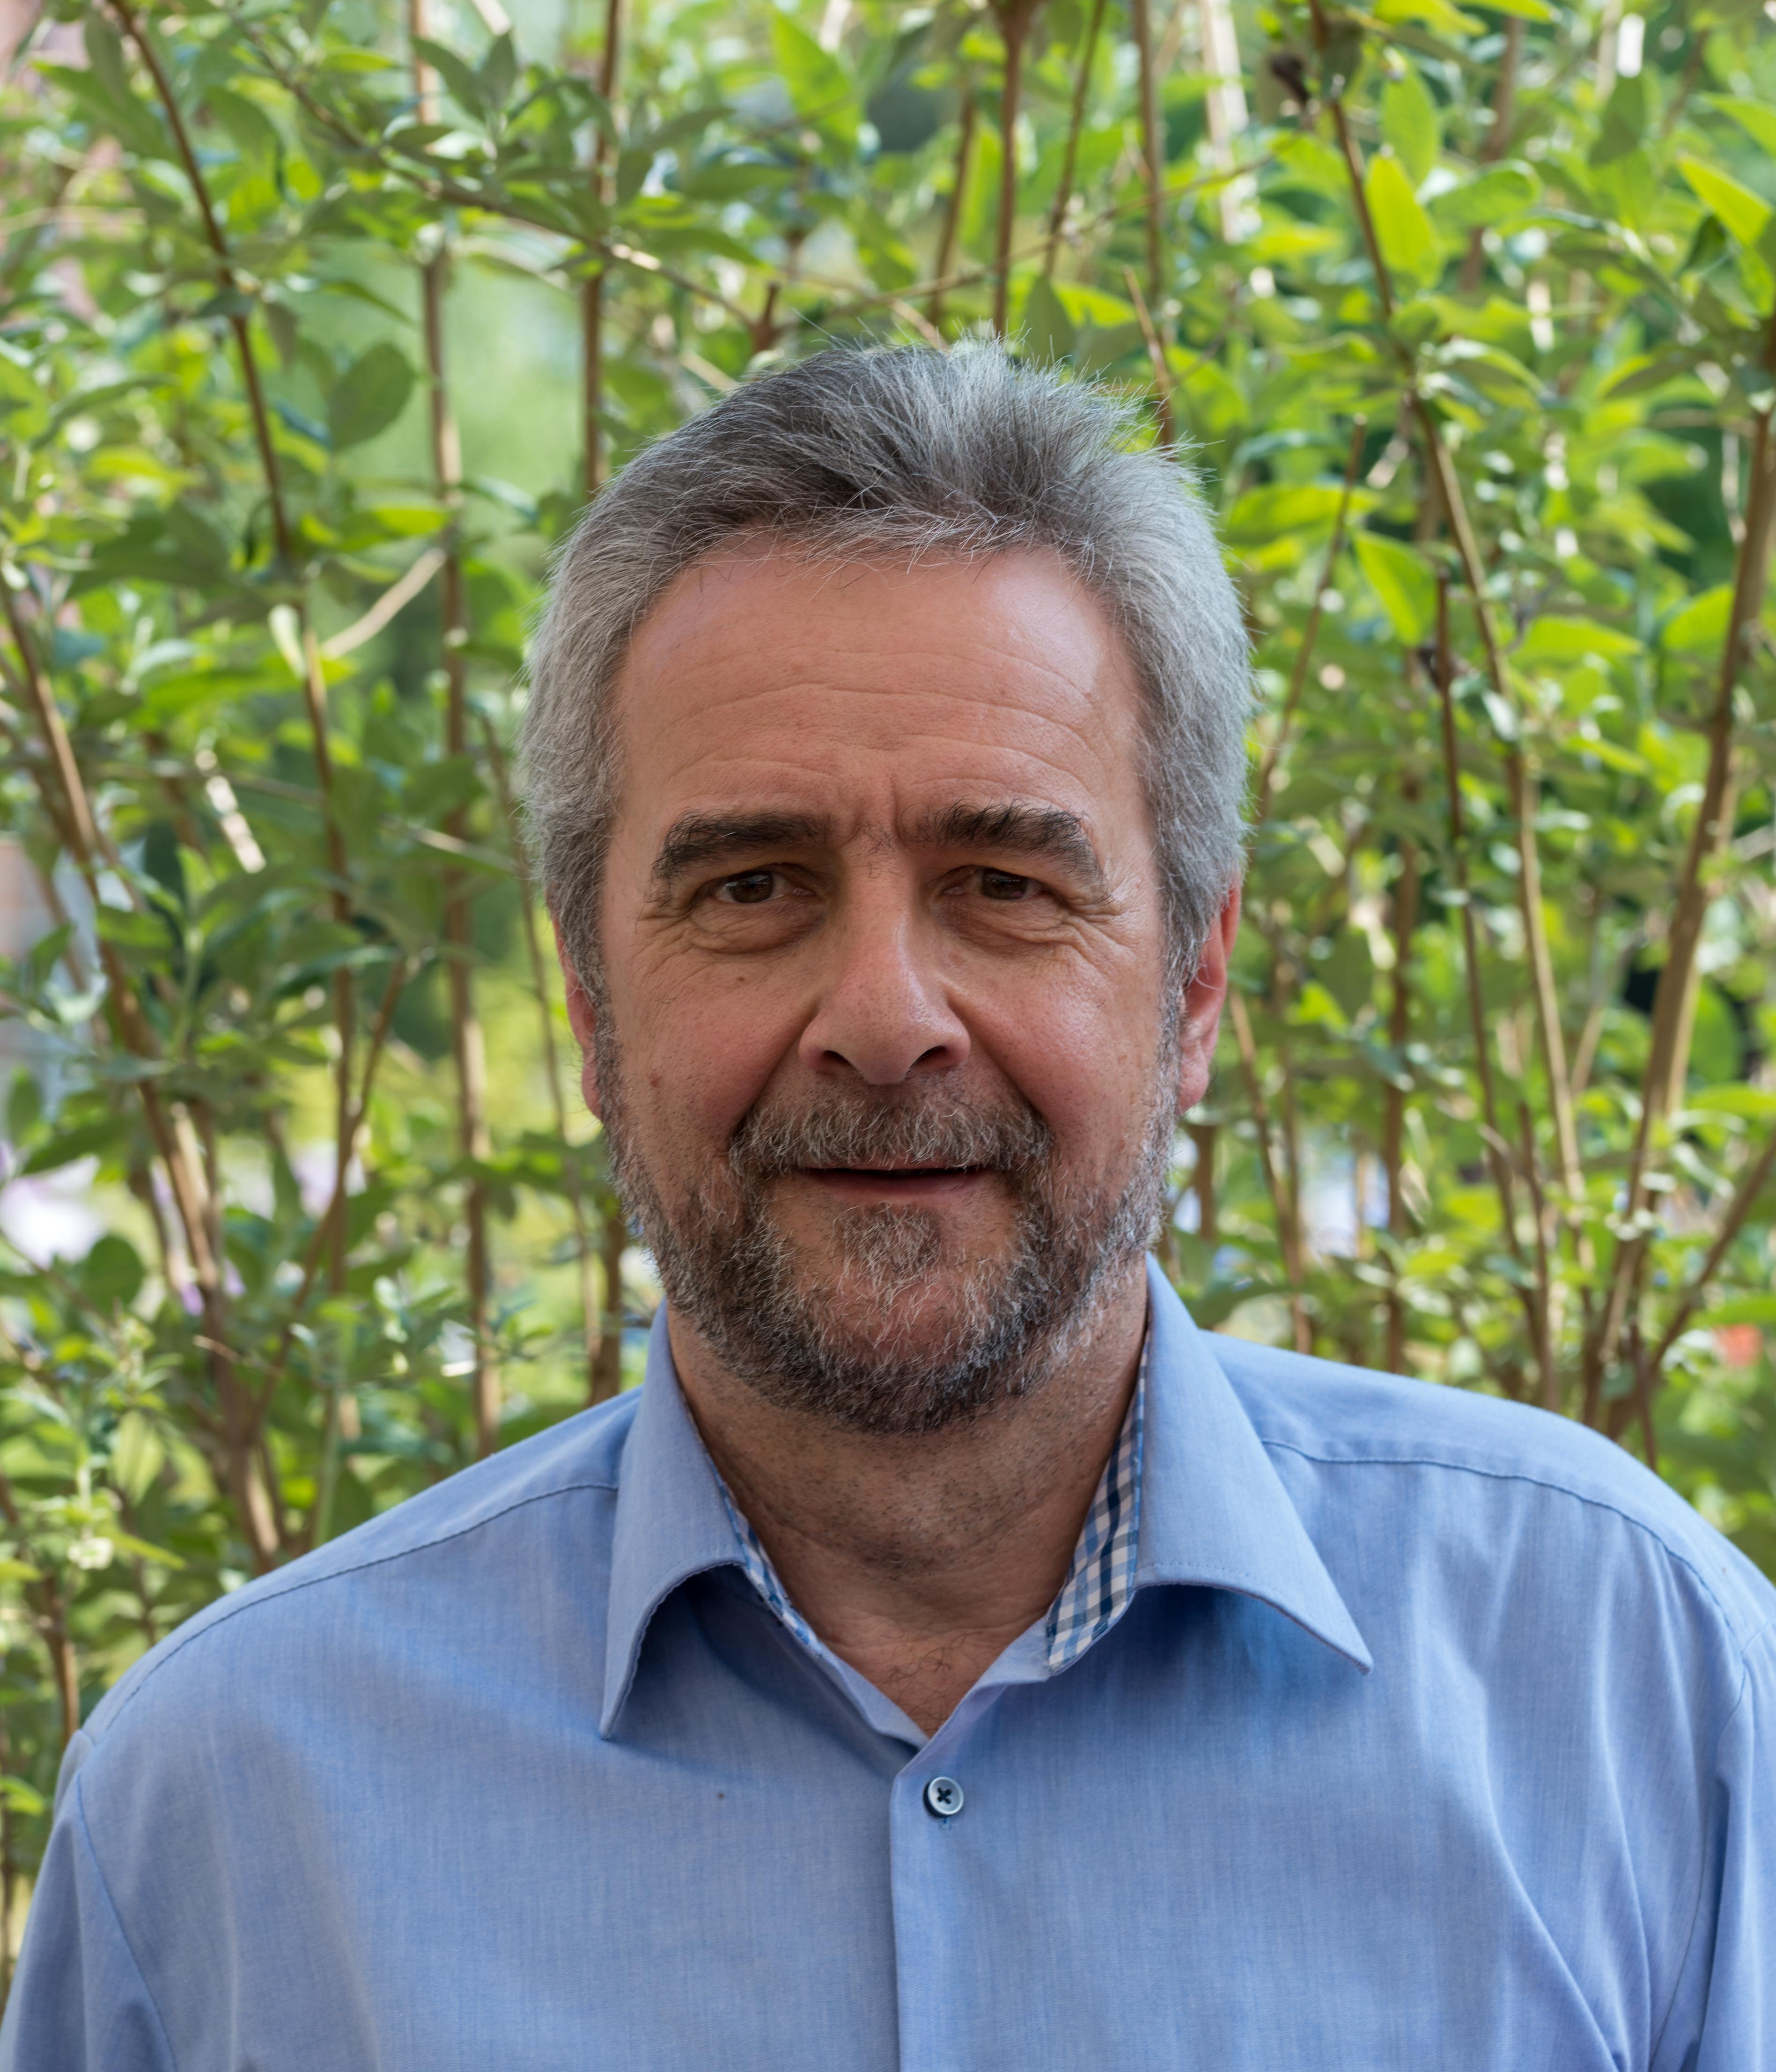 Artur Krzyzanowski